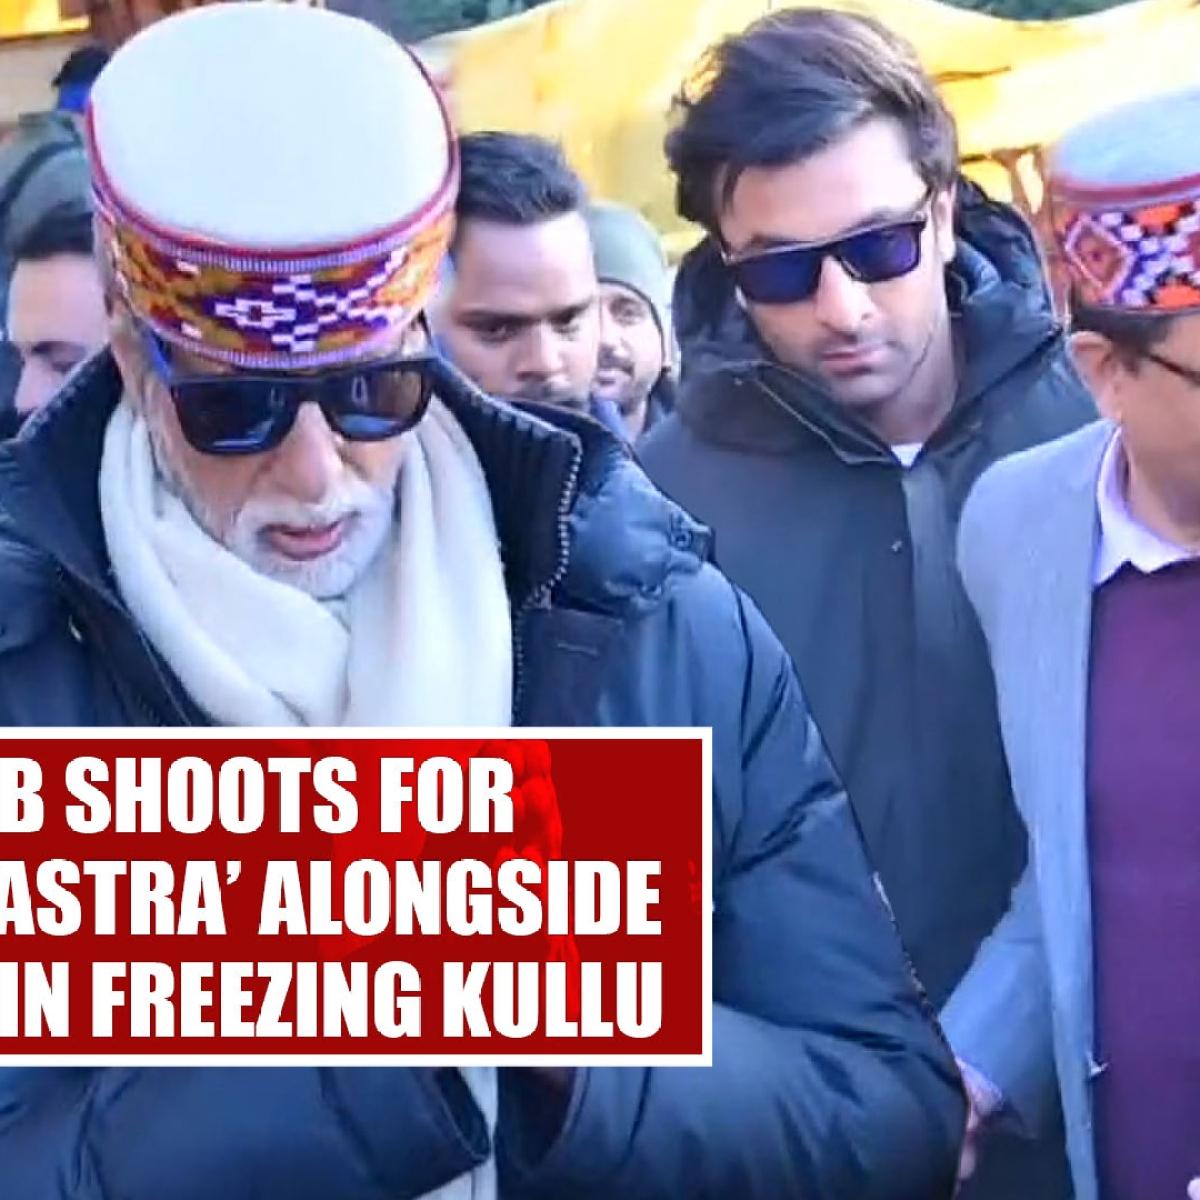 Big B shoots for 'Brahmastra' alongside Ranbir in freezing Kullu